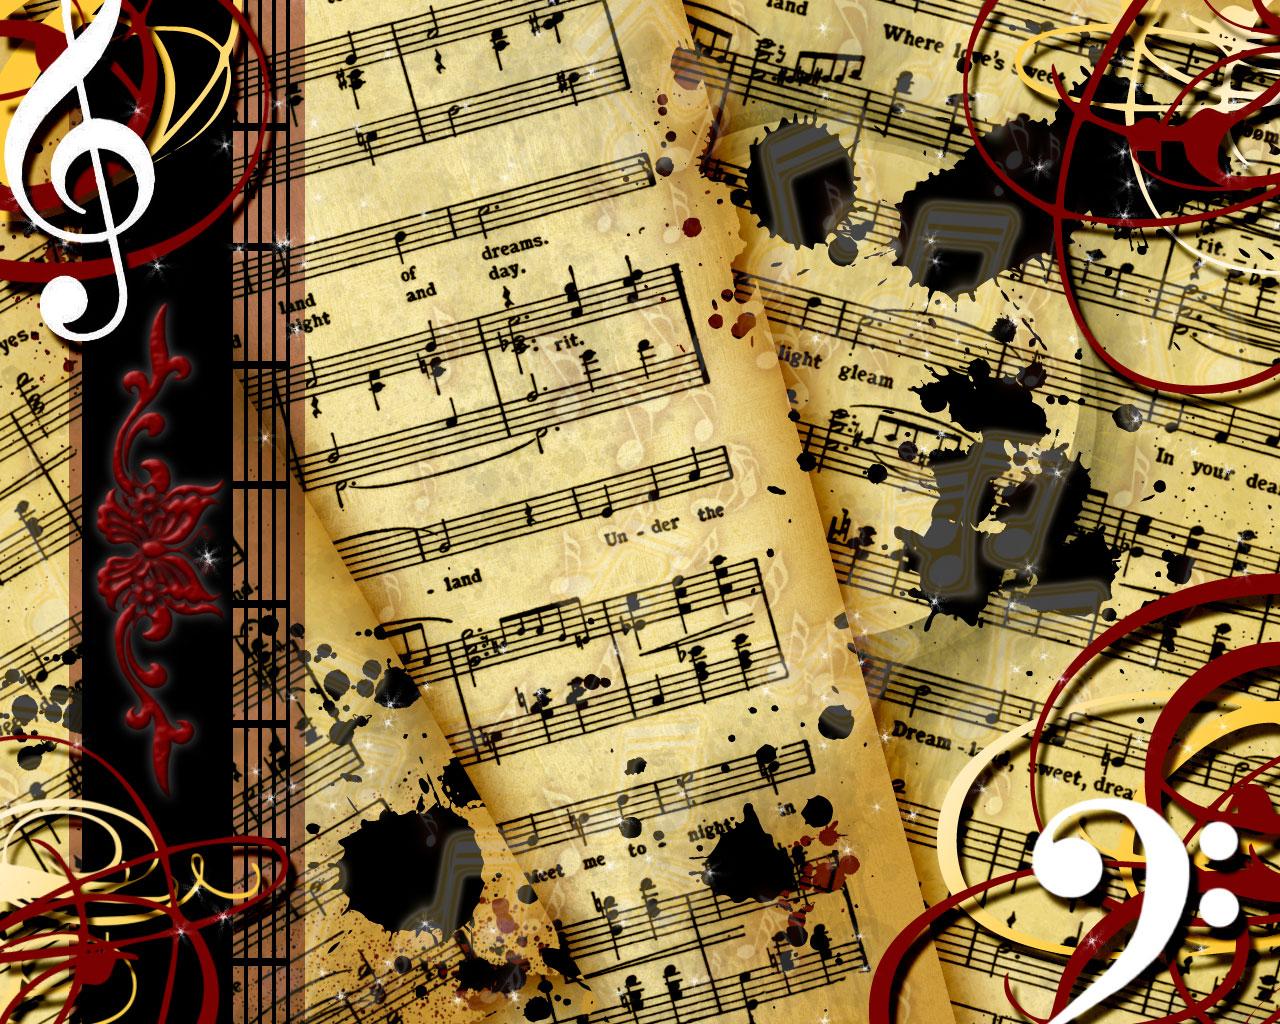 http://3.bp.blogspot.com/-NpmsodUxxwU/T8_Dvq5JwTI/AAAAAAAAQcw/vEc1DIQQbLM/s1600/Musica+Hd.jpg